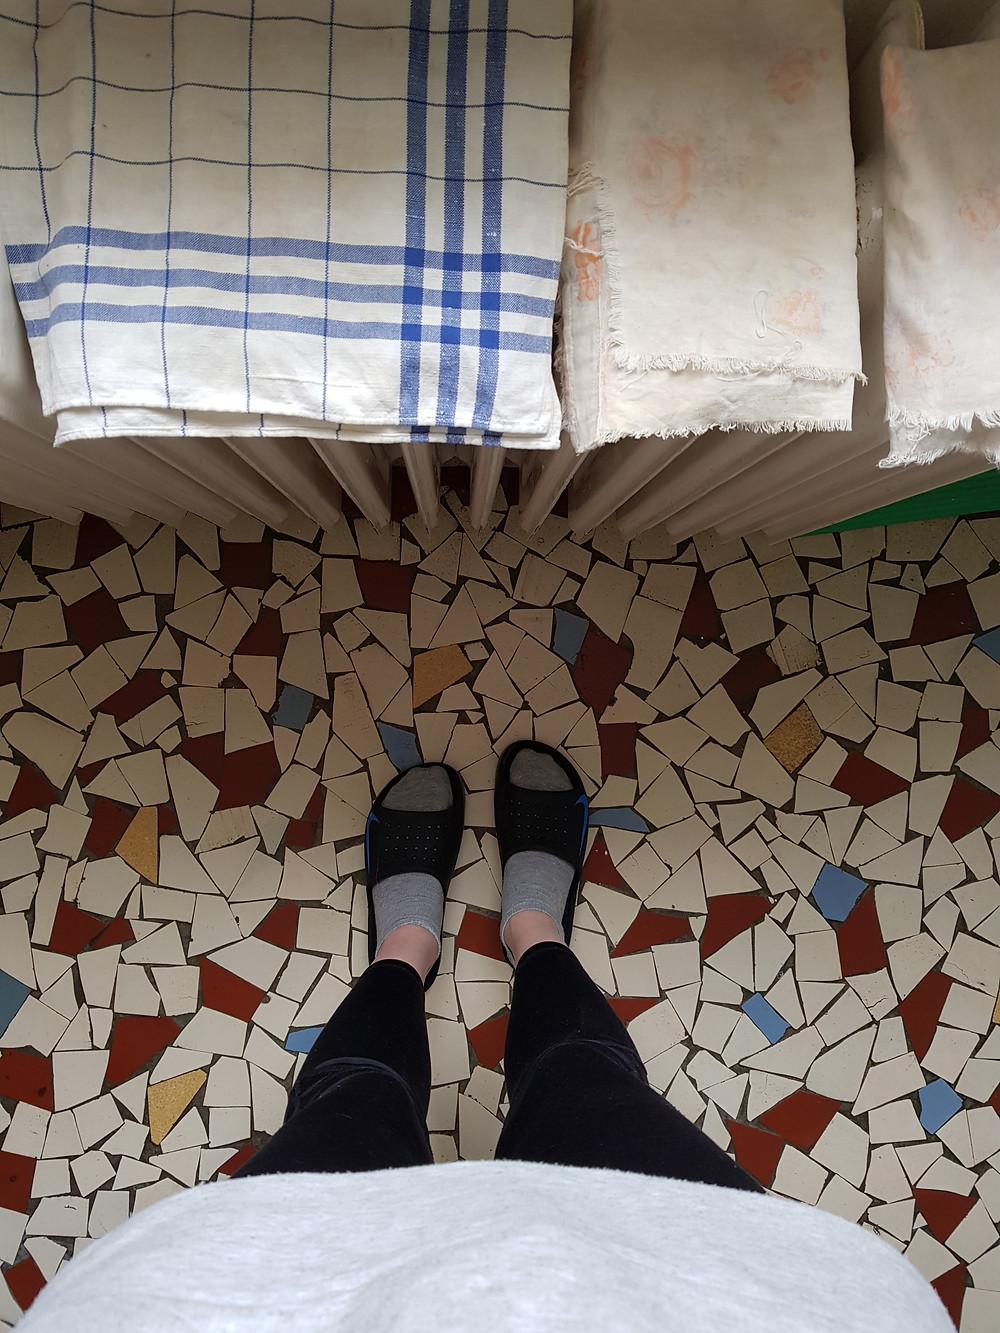 Ylhäältäpäin otettu kuva jaloistani ja patterista. Patterin päällä kuivuu keittiöpyyhkeitä. Päälläni on harmaa kollari, mustat legginssit ja tohvelit. Lattia on mosaiikkimainen koostuen valkoisista, tiilenvärisistä ja turkooseista paloista.